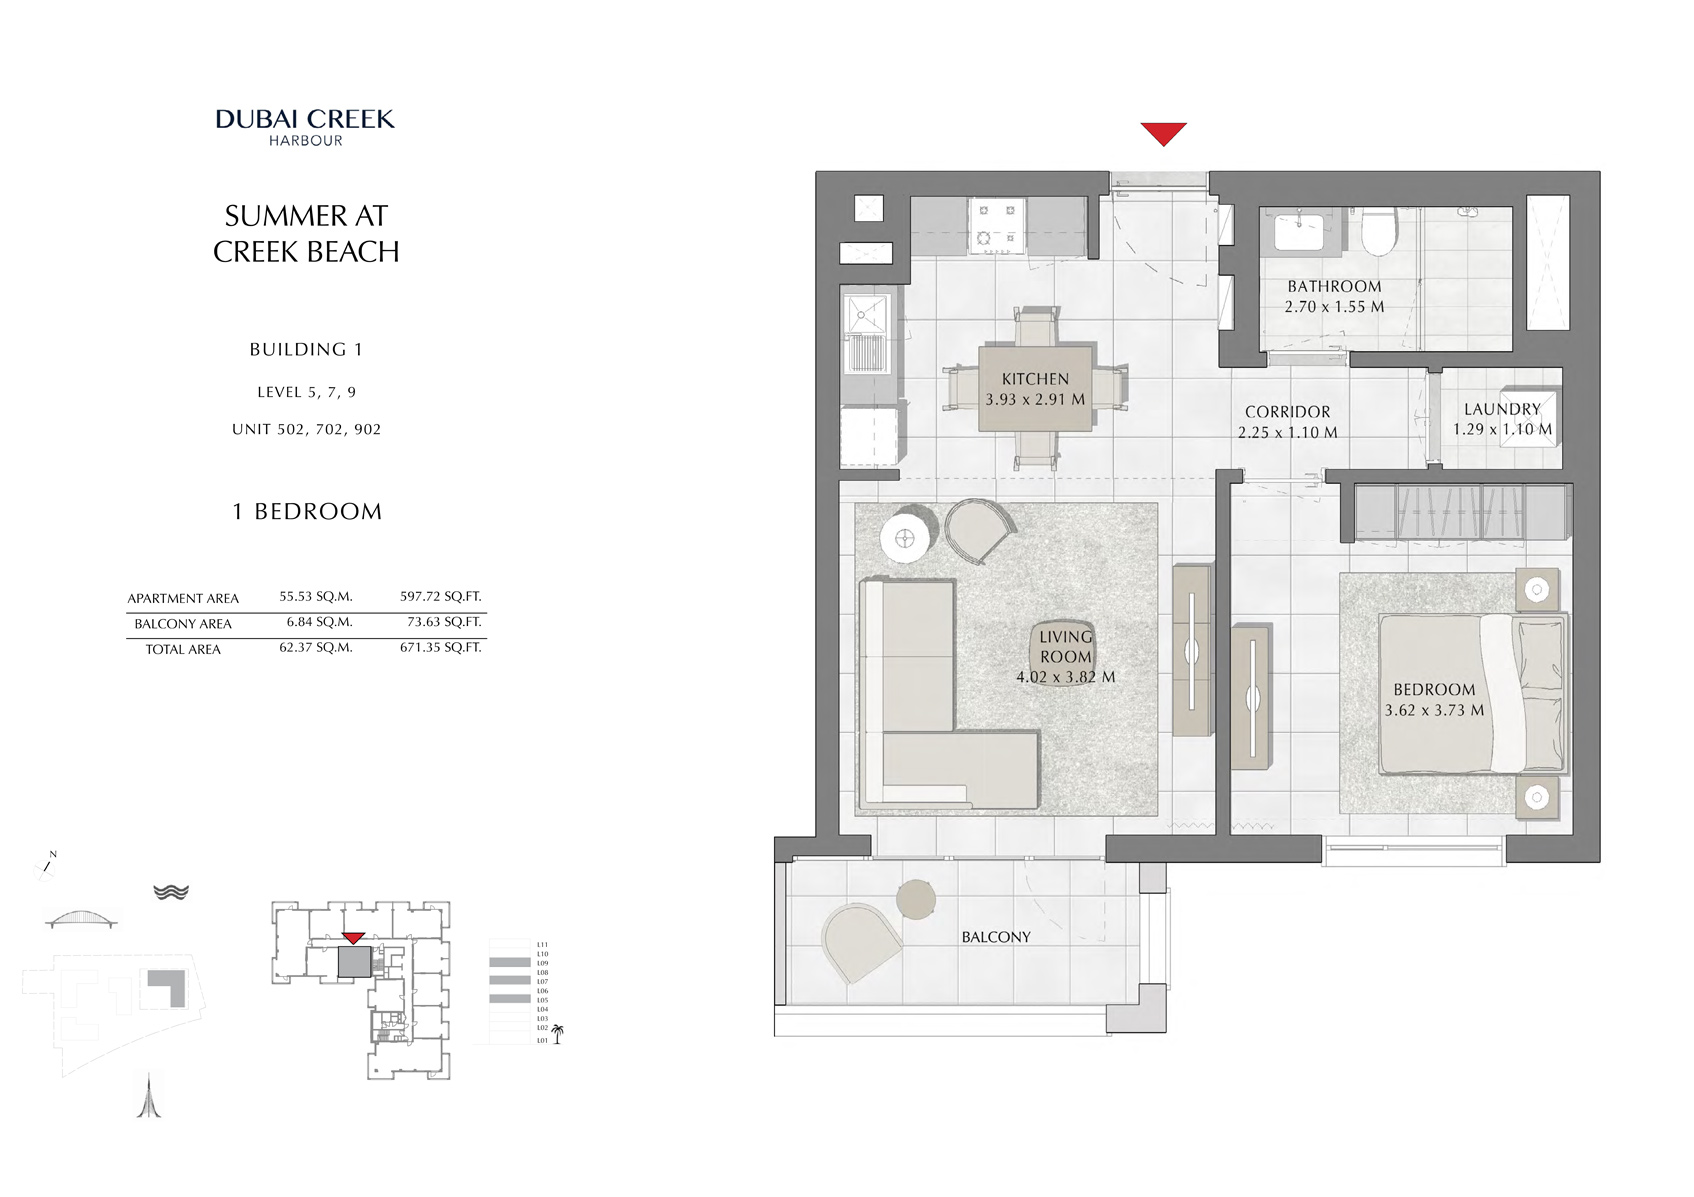 1 Br Building 1 Level-5-7-9 Unit 502-702-902, Size 671 Sq Ft